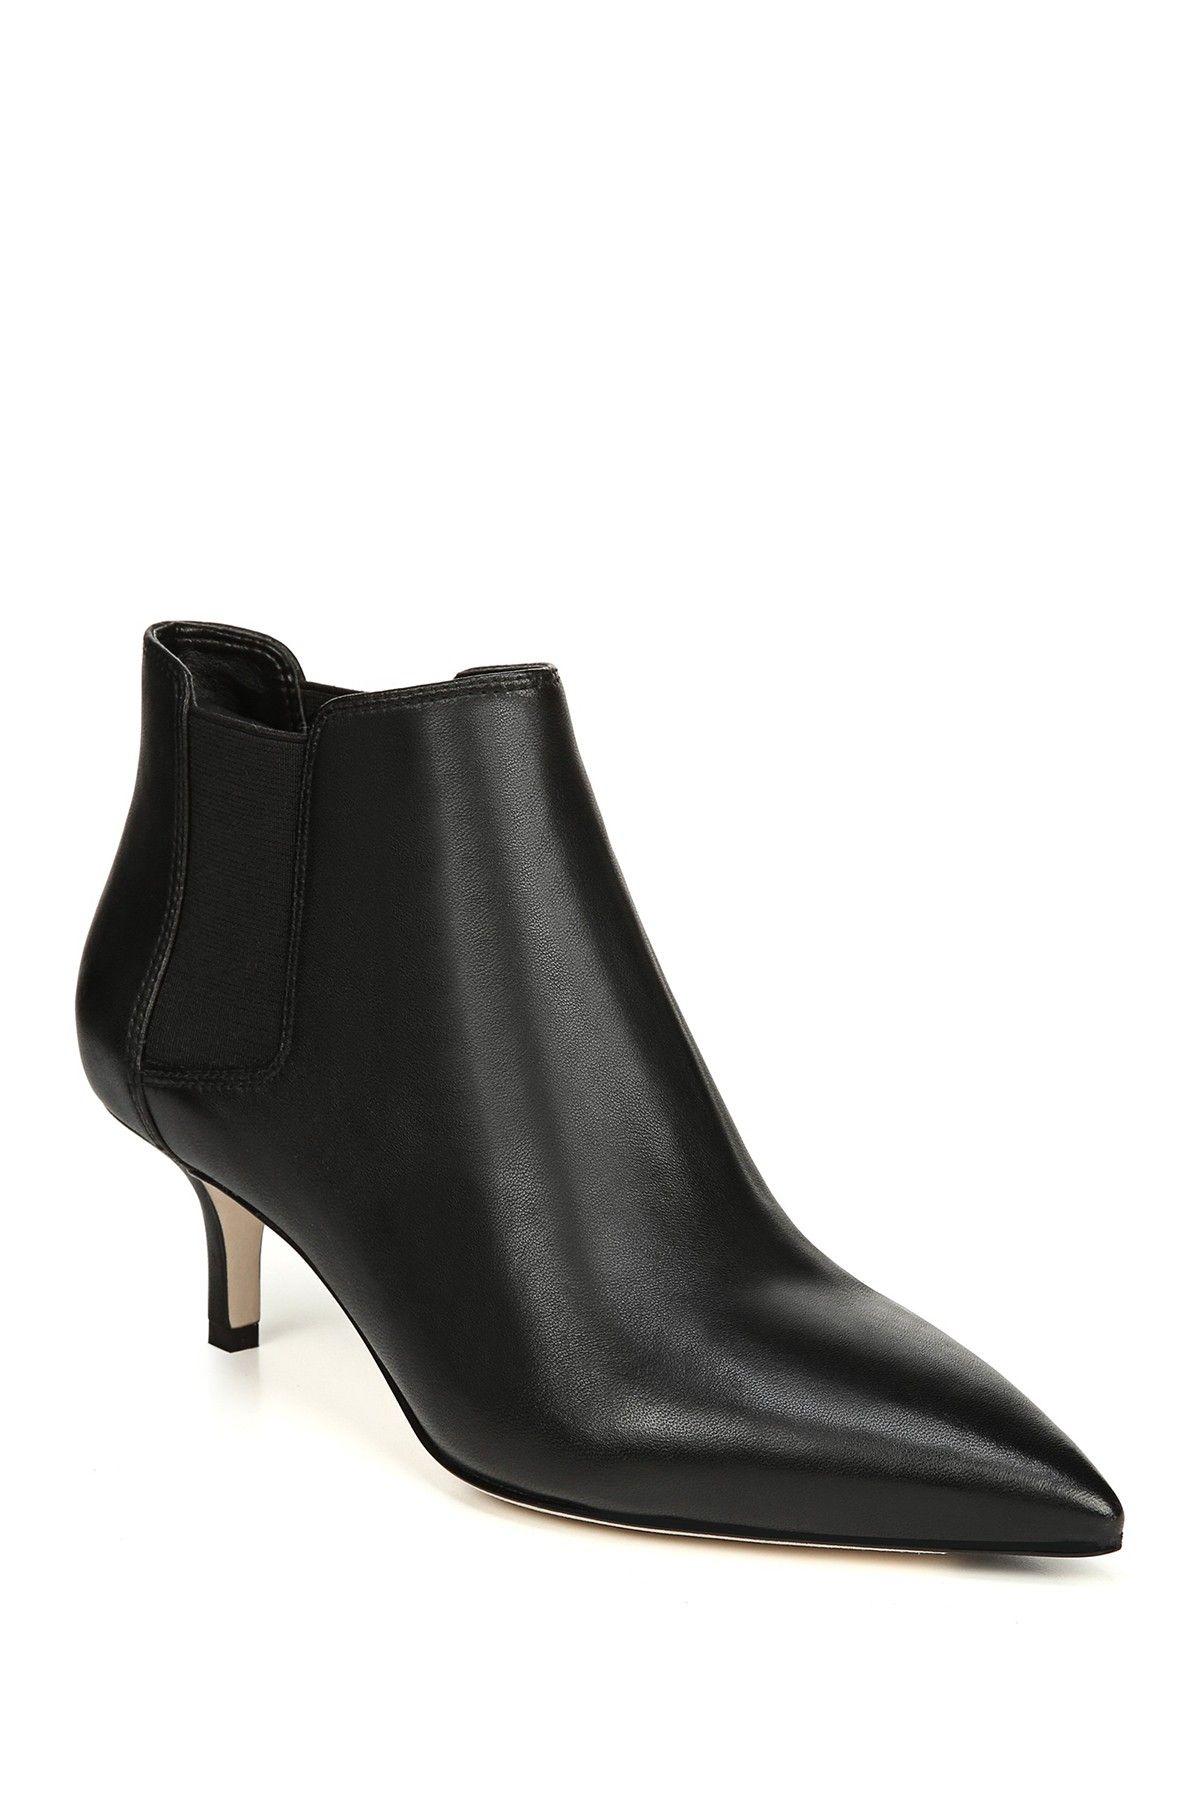 Via Spiga Maeve Leather Kitten Heel Ankle Boot Kitten